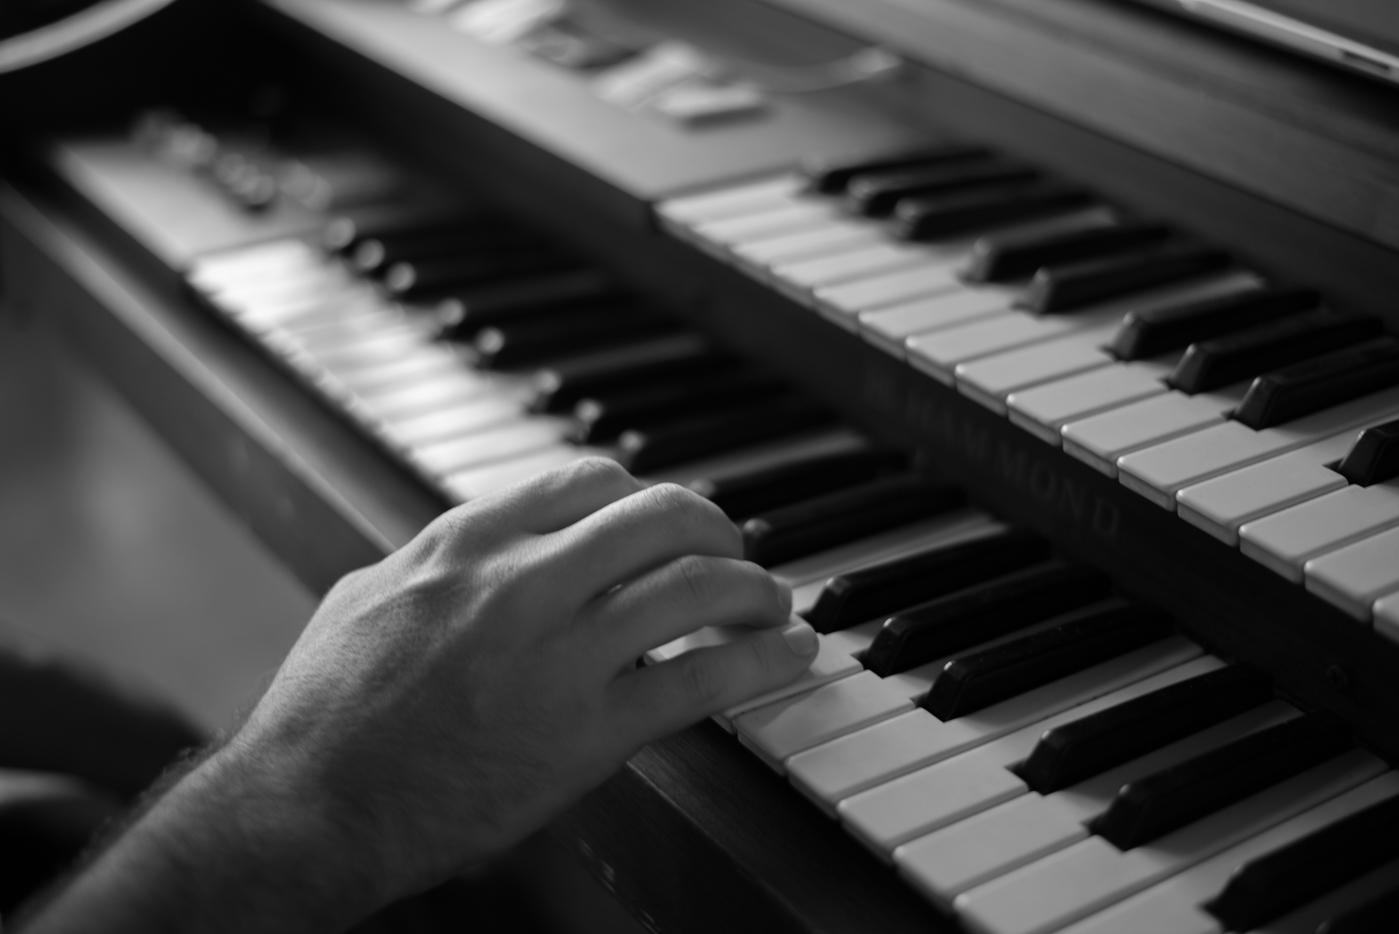 Mark jamming on the keys